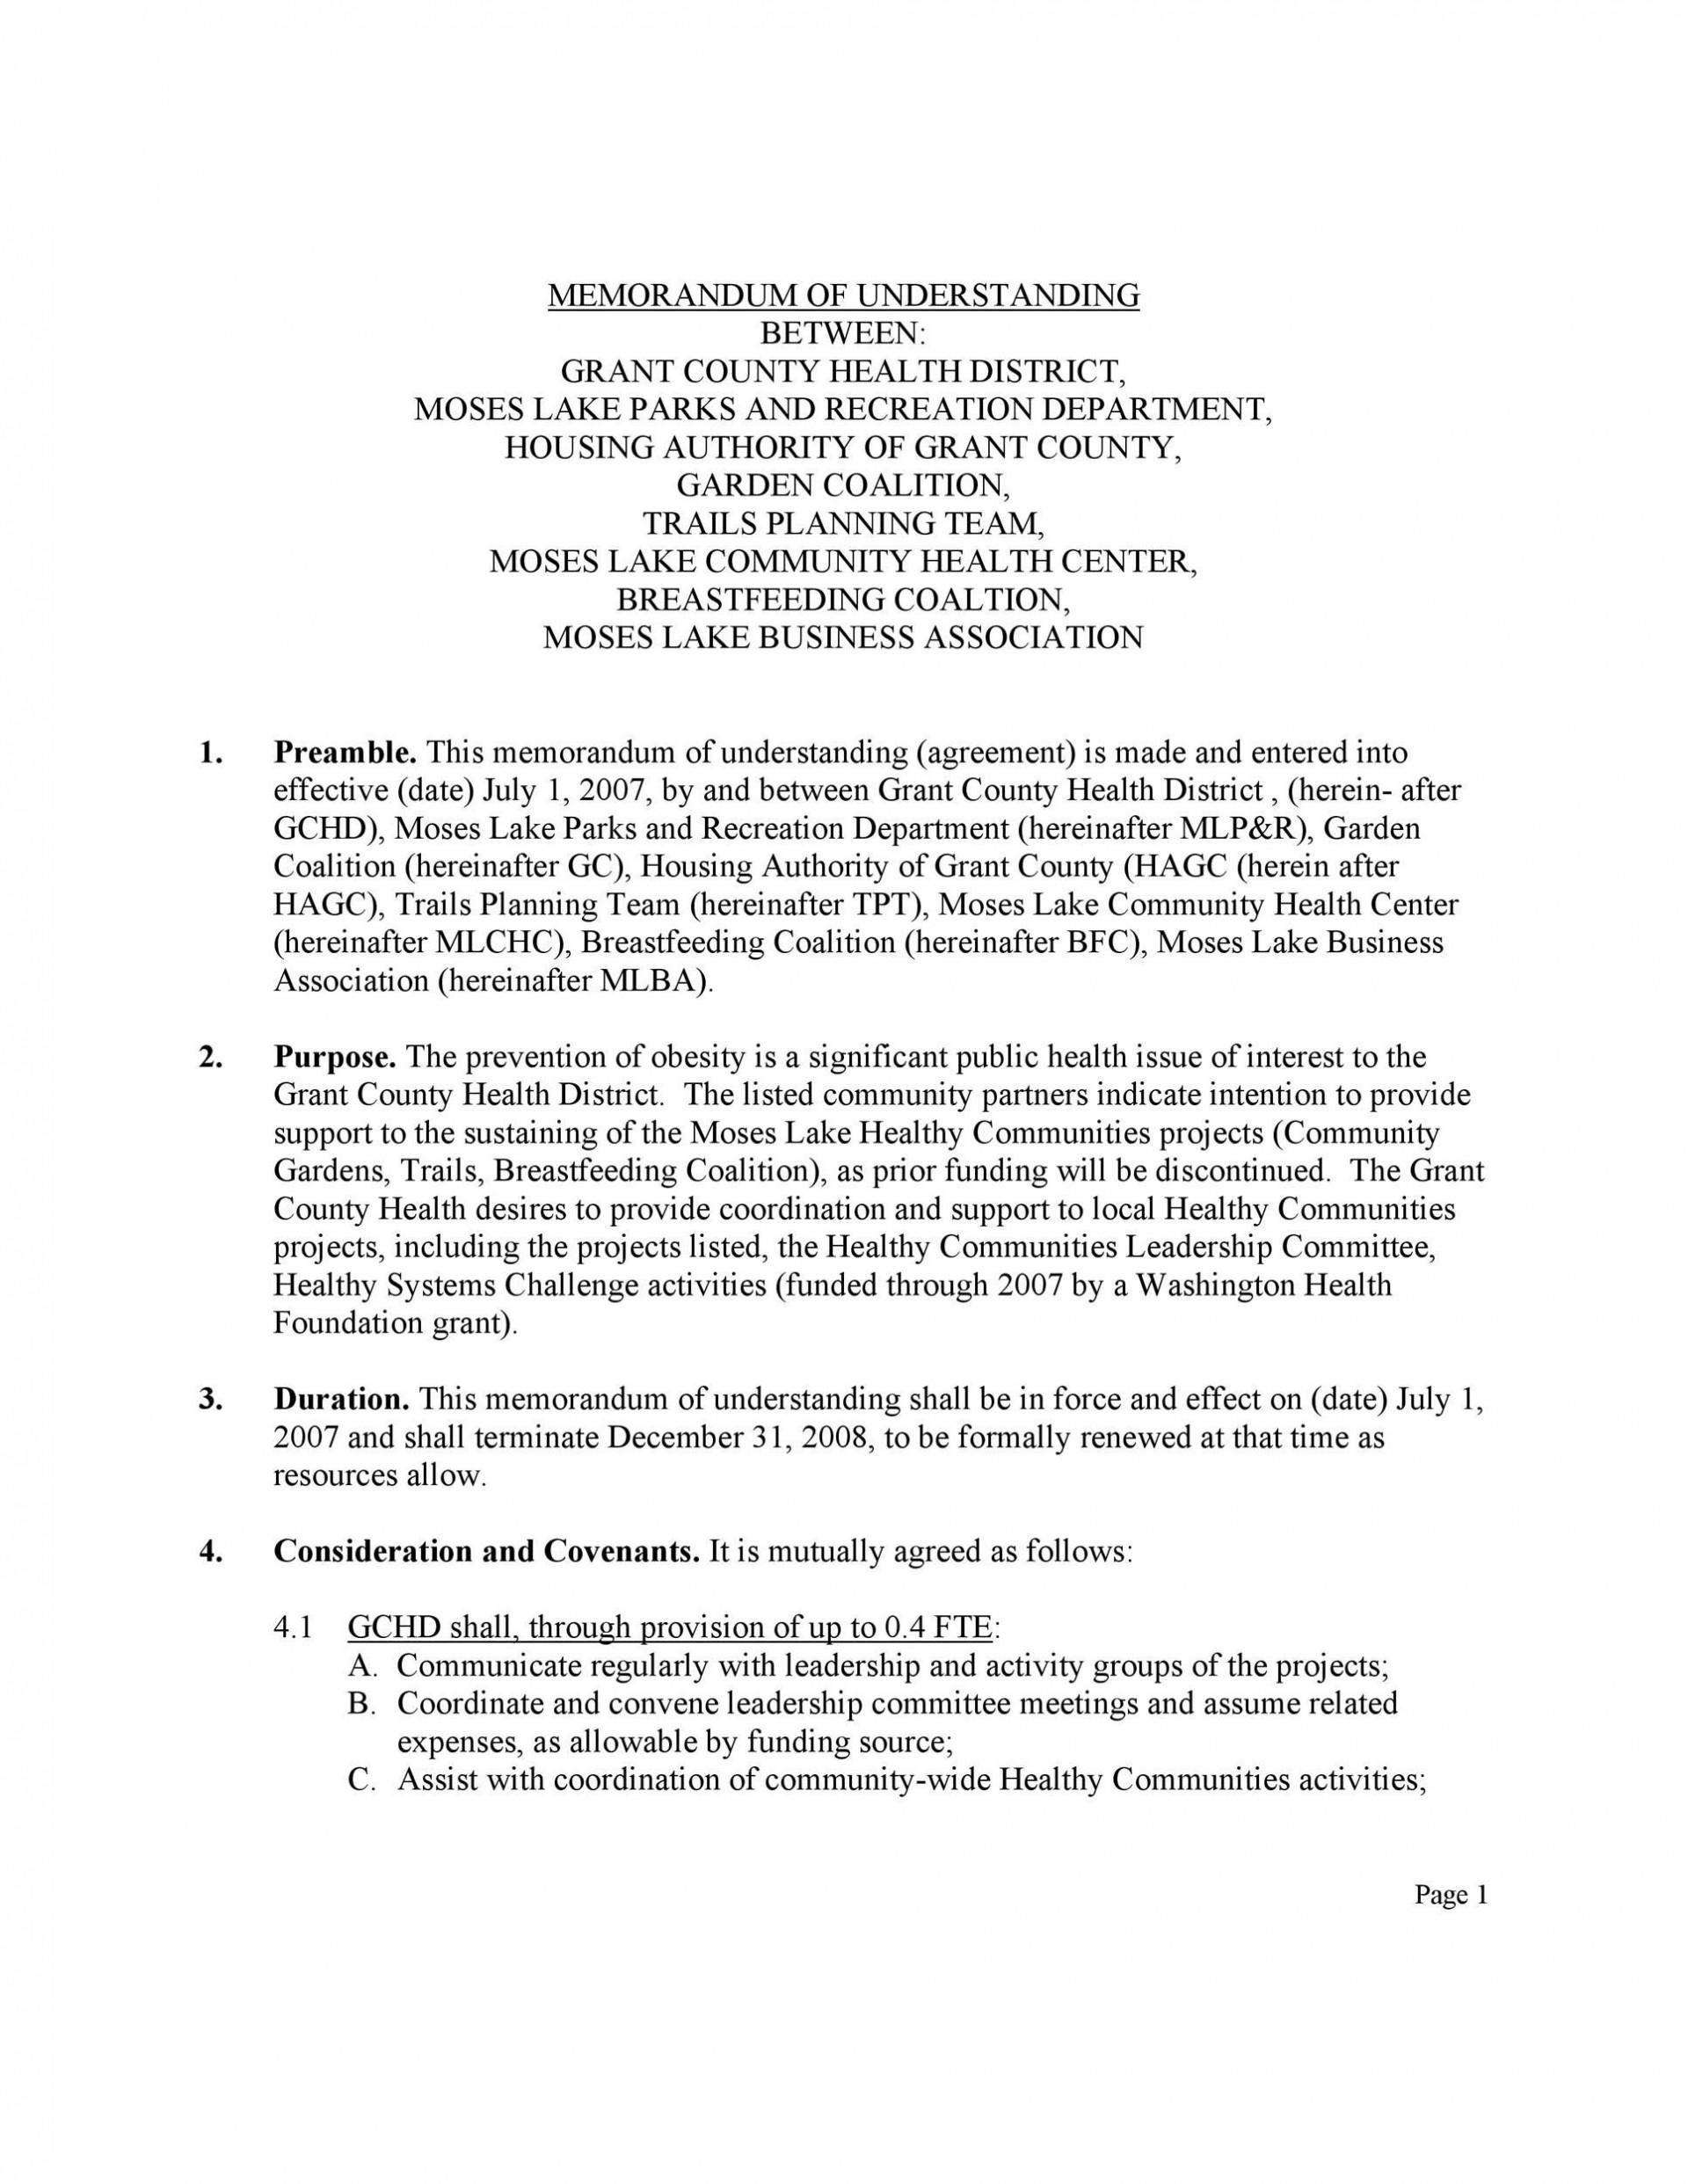 003 Singular Letter Of Understanding Format Highest Clarity  Sample Memorandum1920